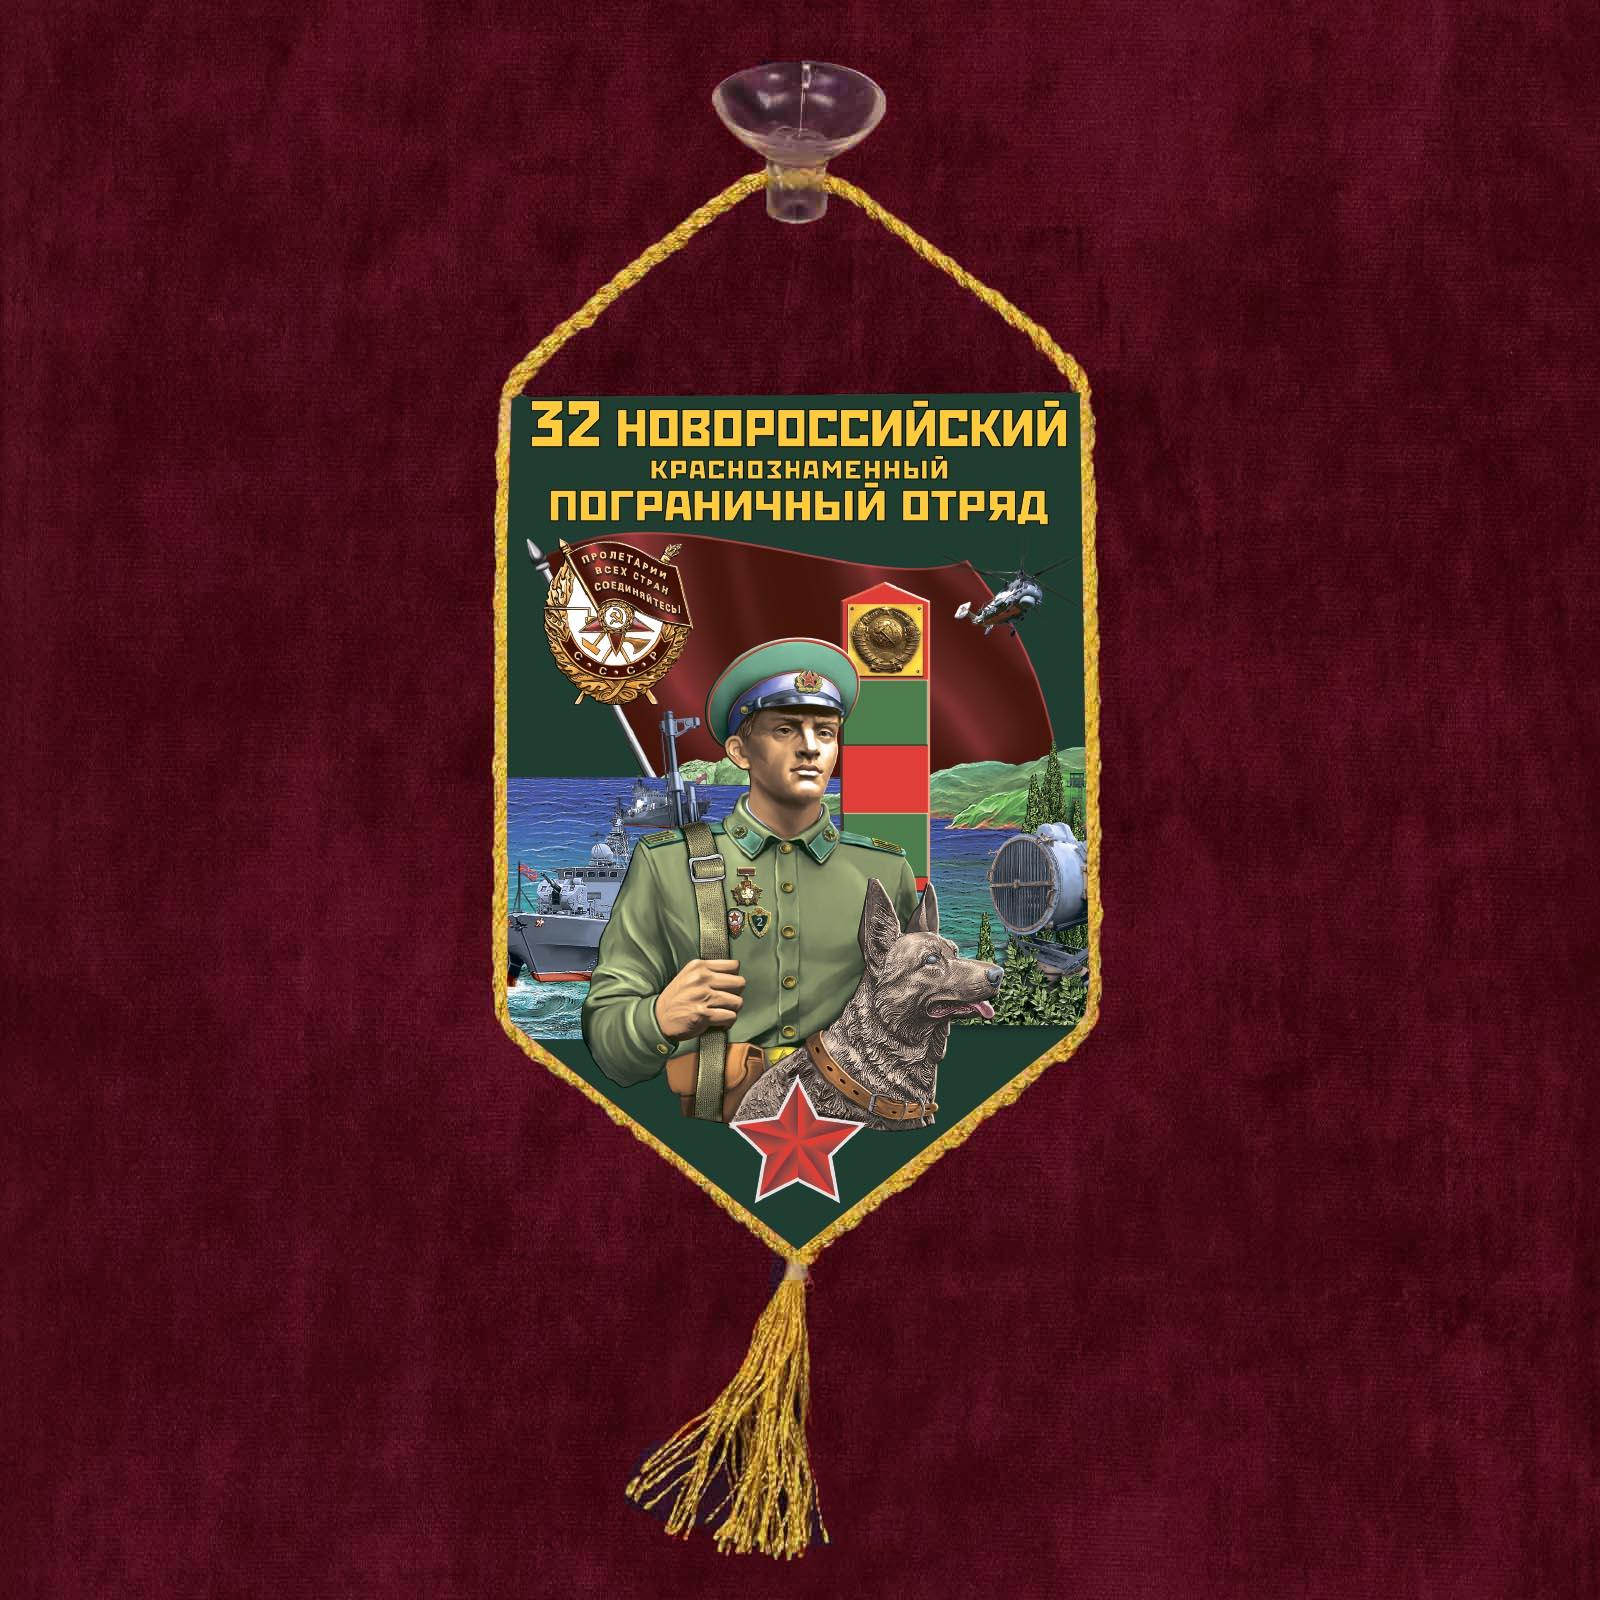 Автомобильный вымпел 32 Новороссийский пограничный отряд